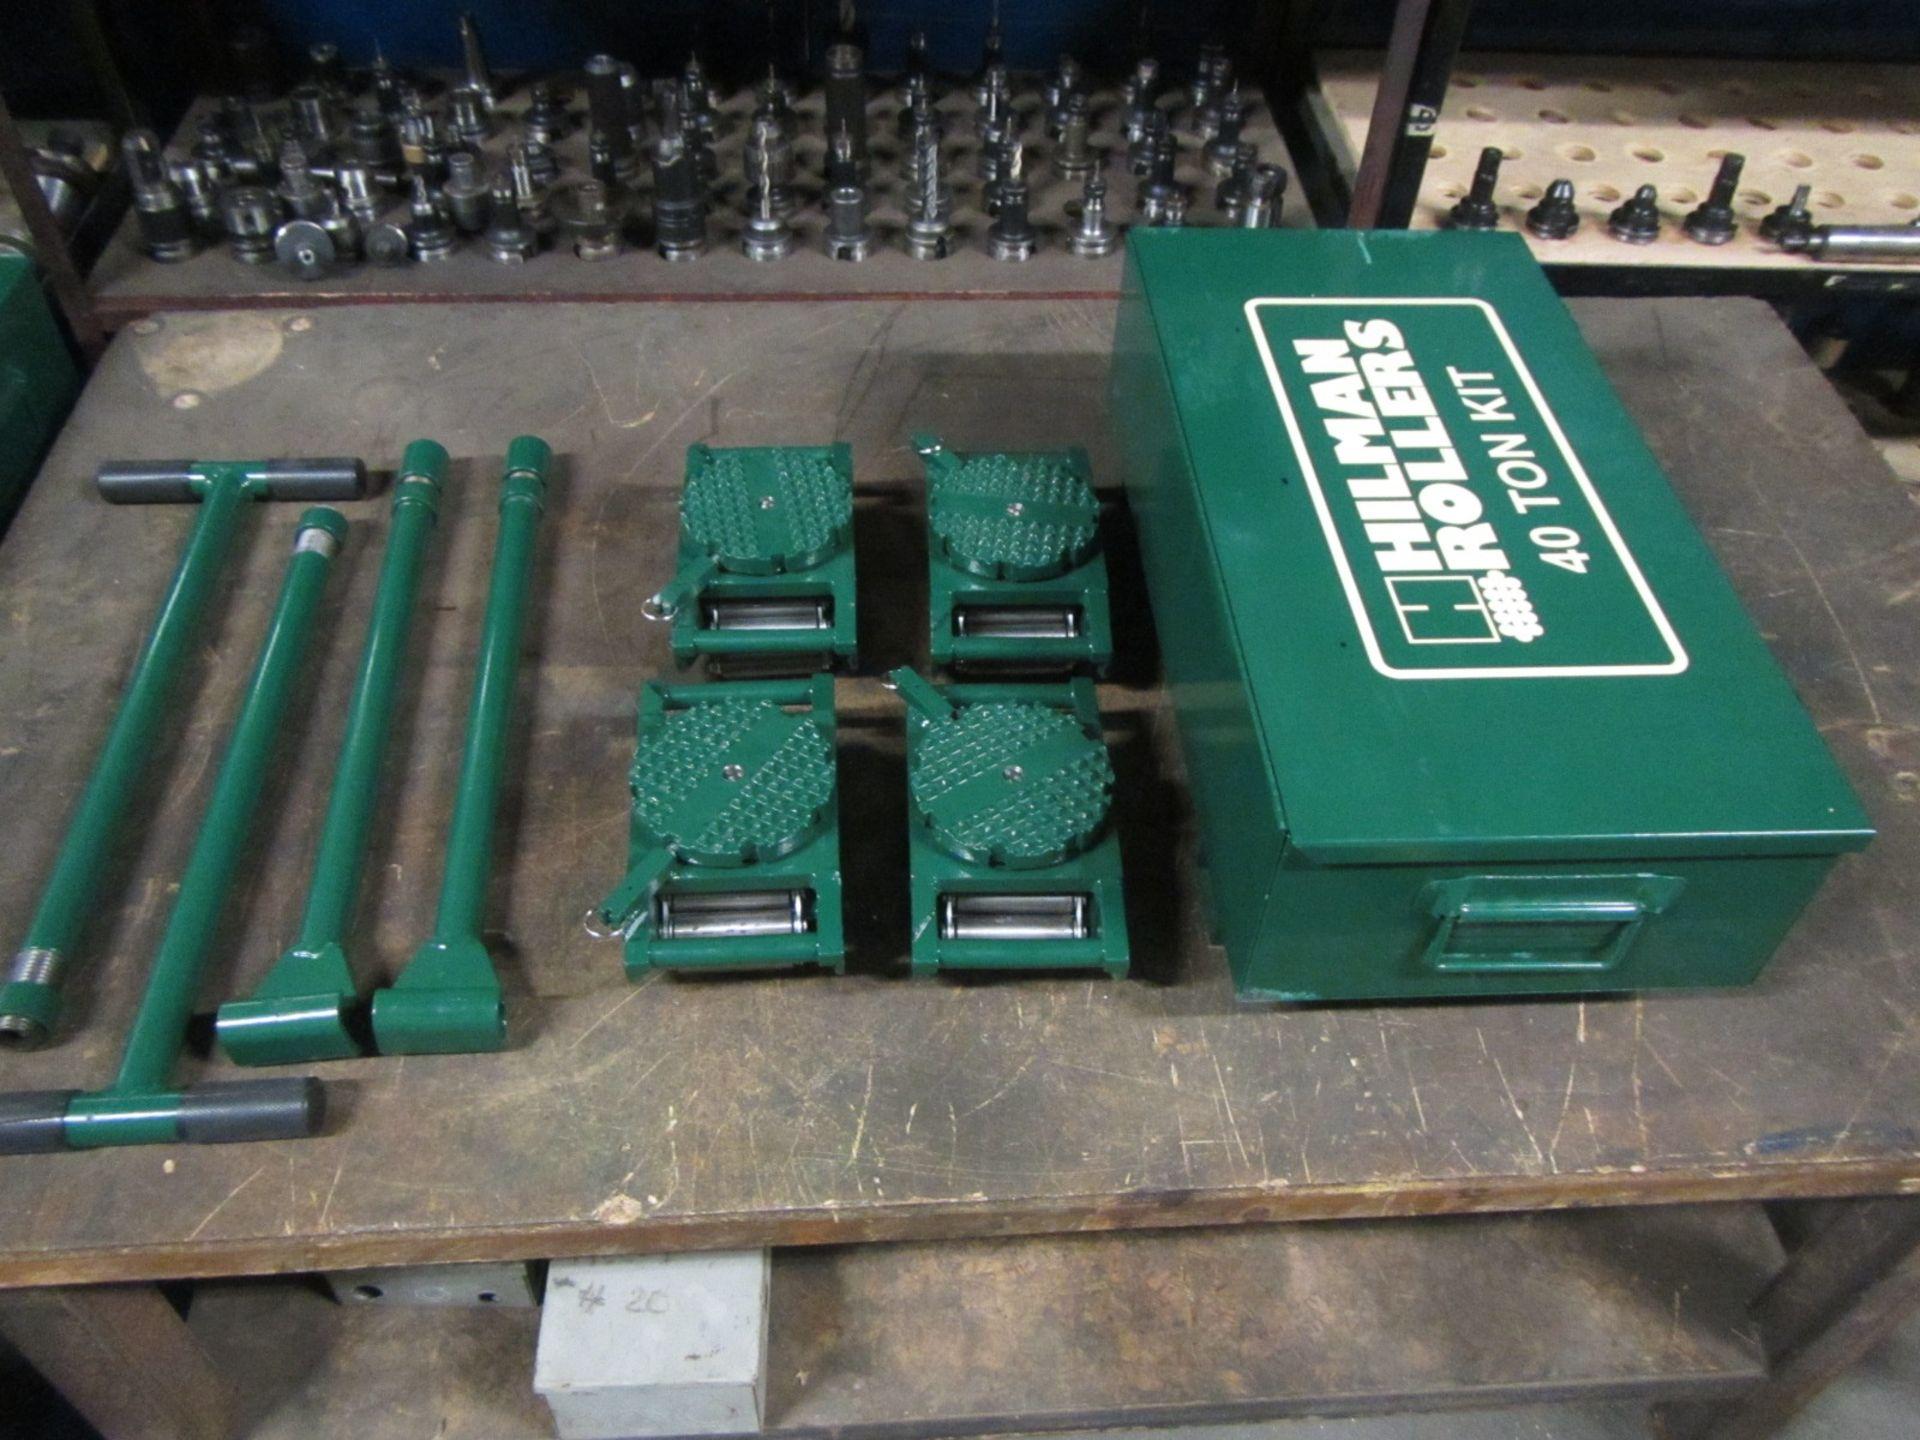 Hilman Type Roller Set Machinery moving skates - 40 Ton Deluxe Kit - 4 x 10 ton units